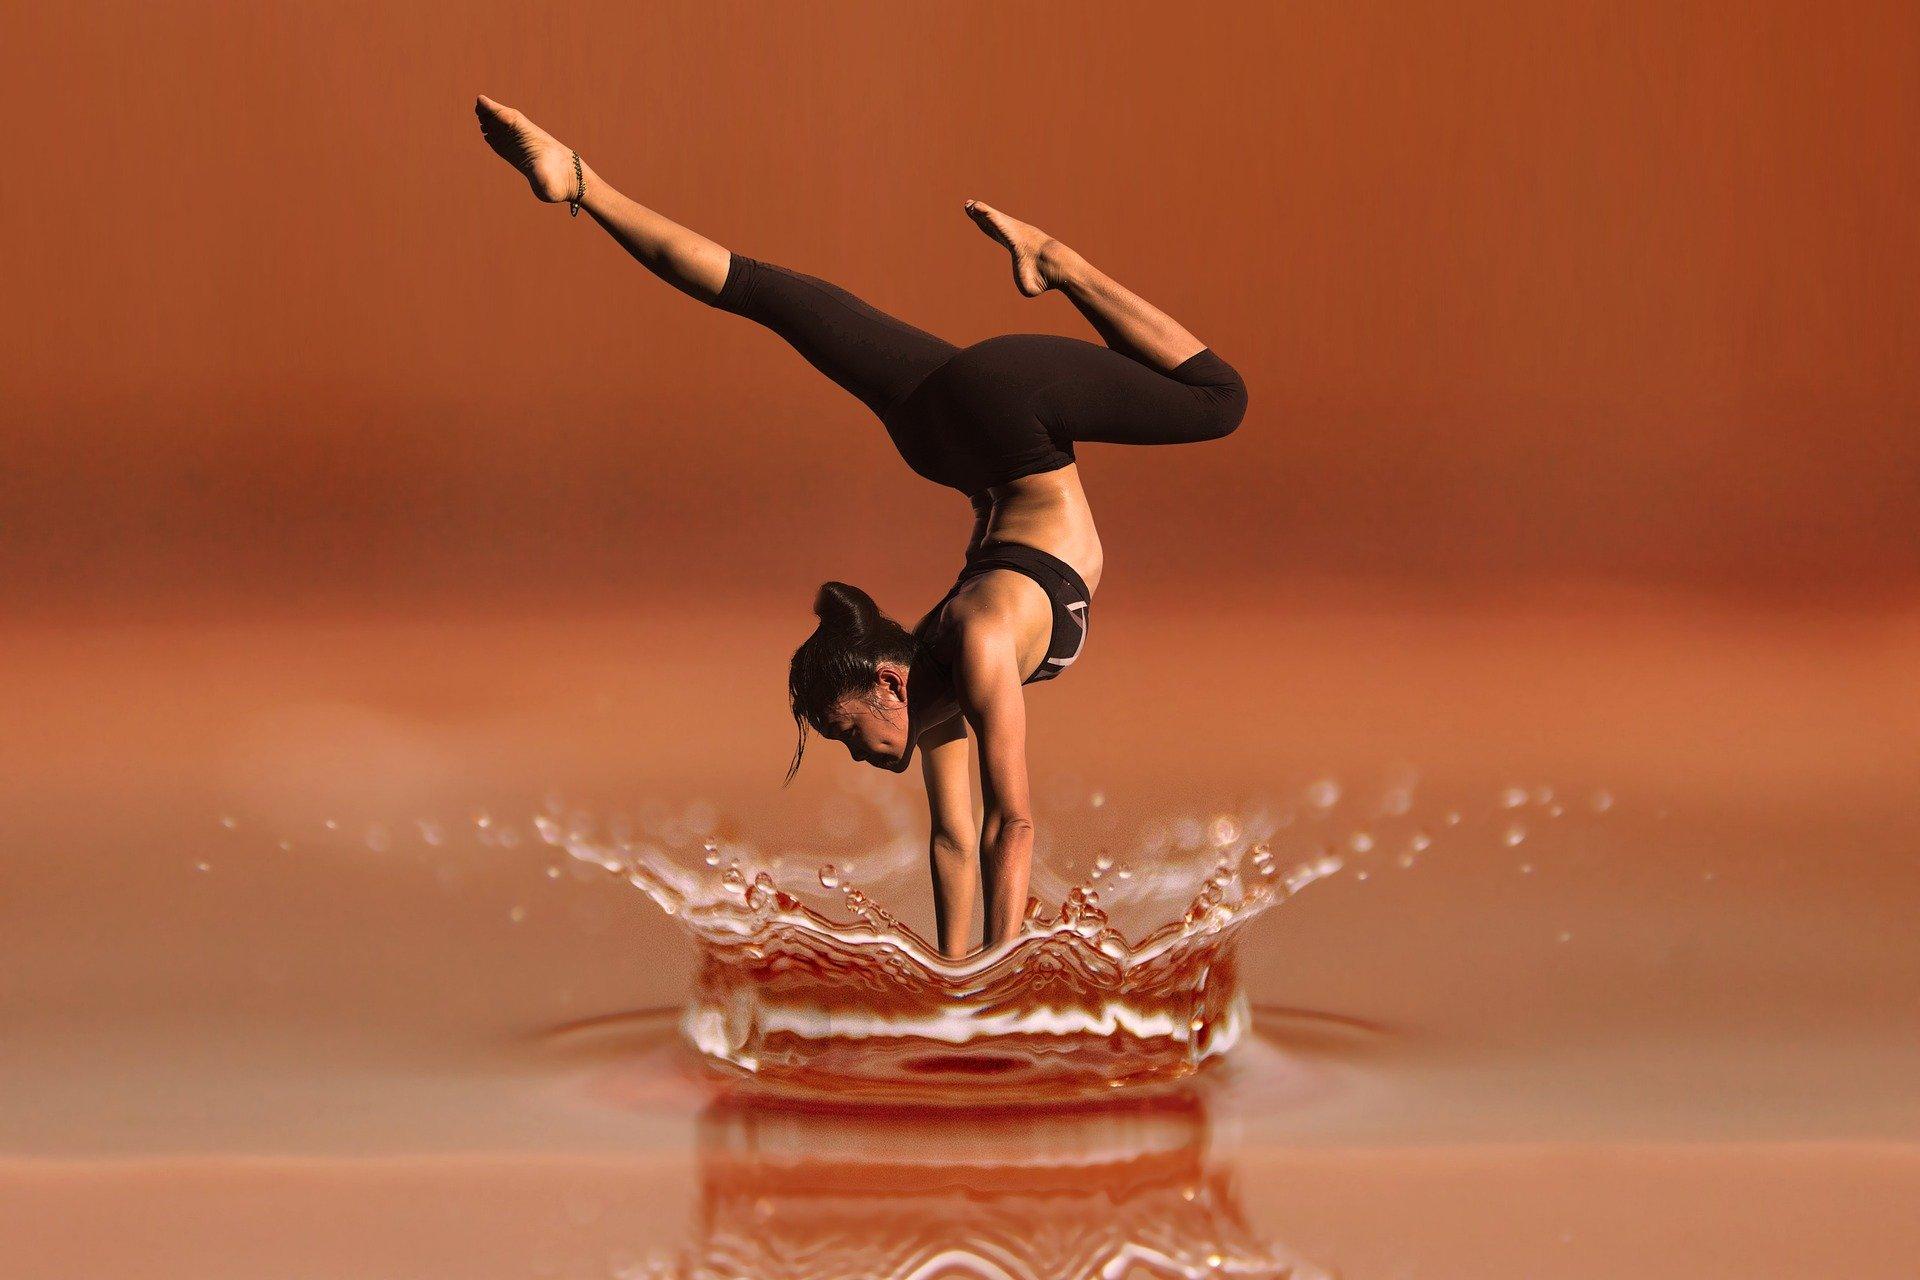 Ein gesunder Körper braucht Wasser